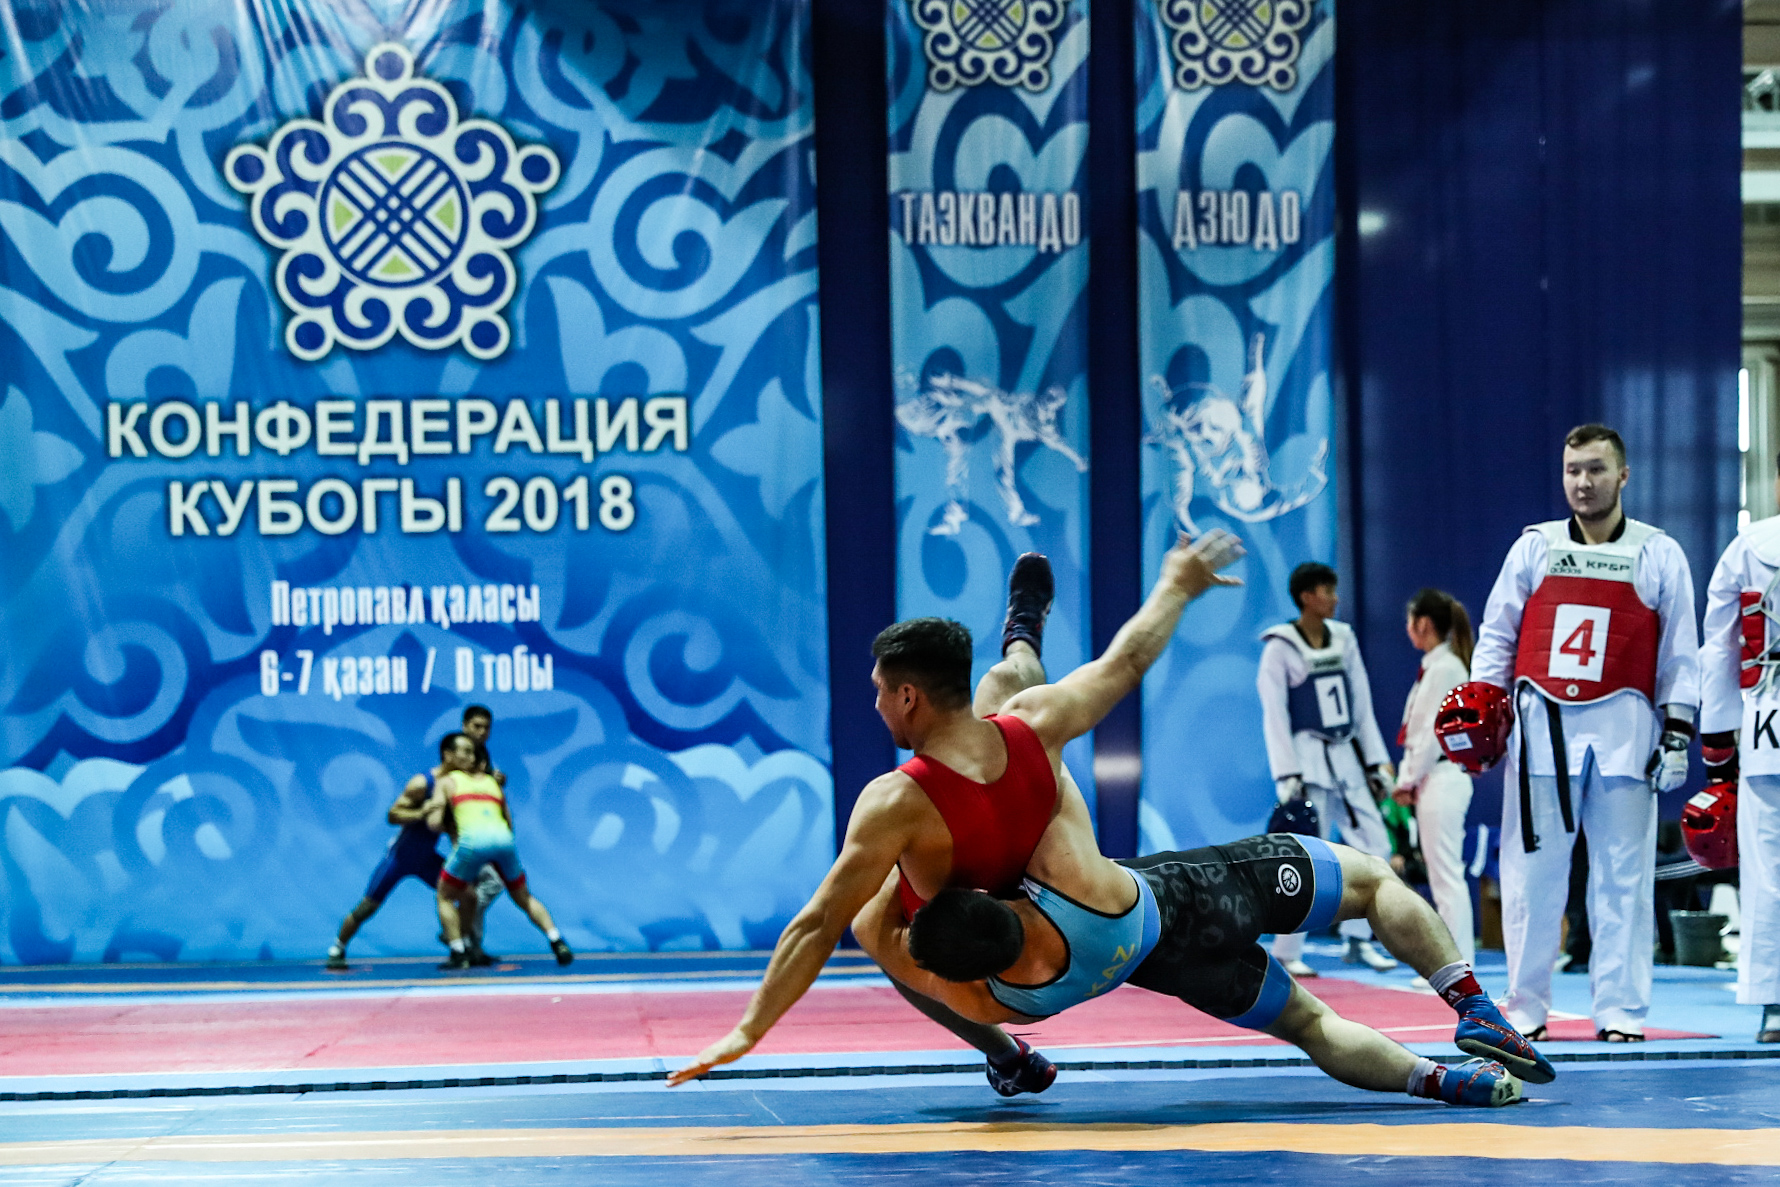 Определились первые полуфиналисты Кубка Конфедерации 2018